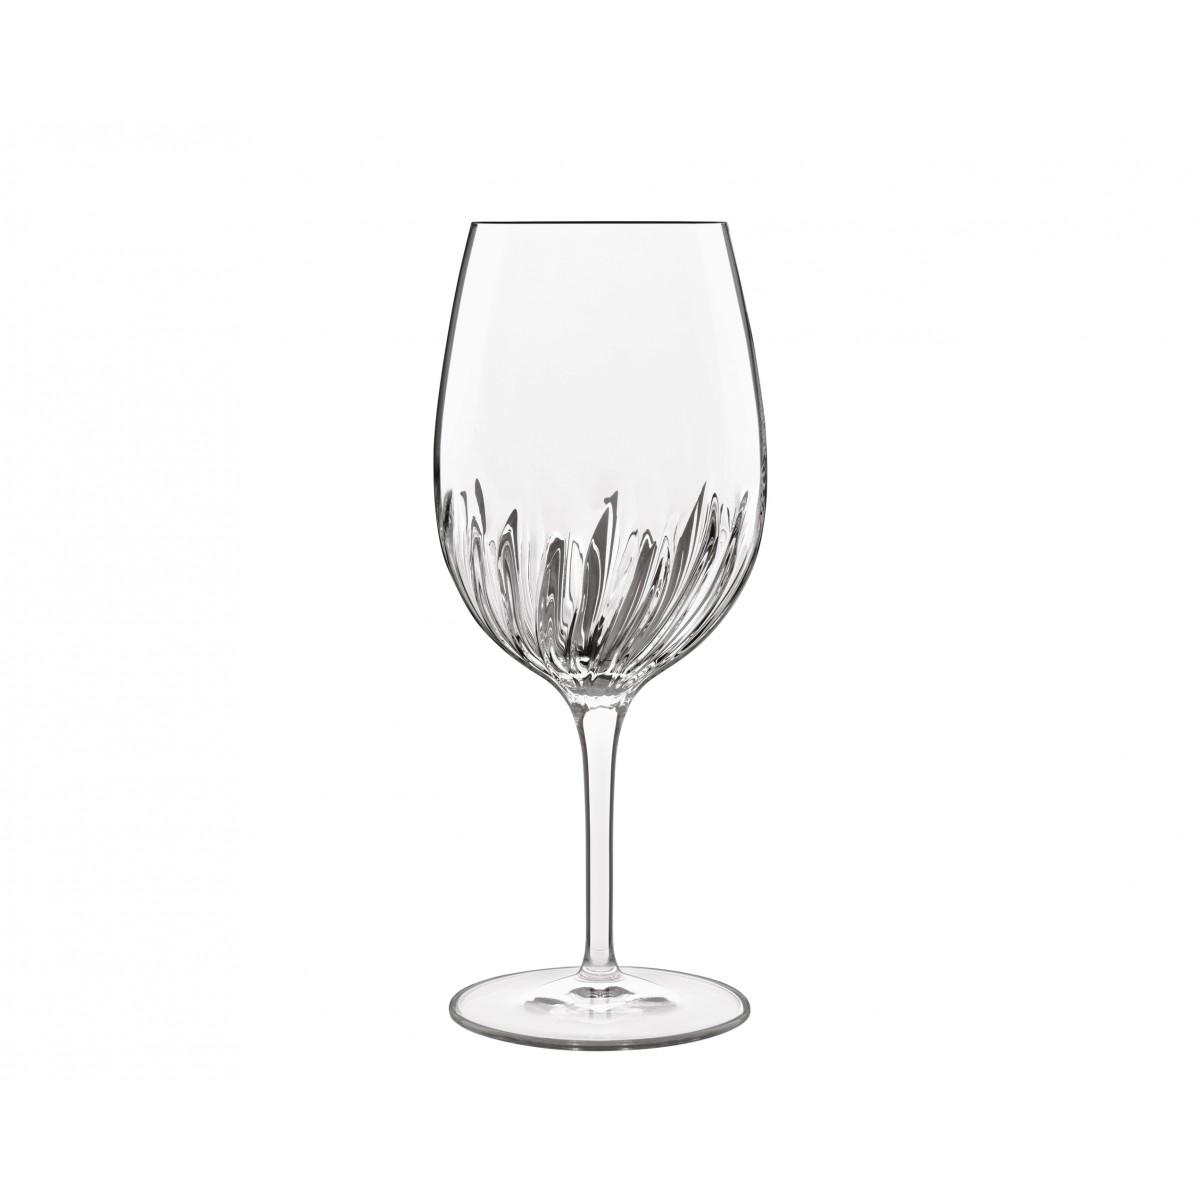 LUIGI BORMIOLI Mixology spritzglas 4 stk klar - 57 cl